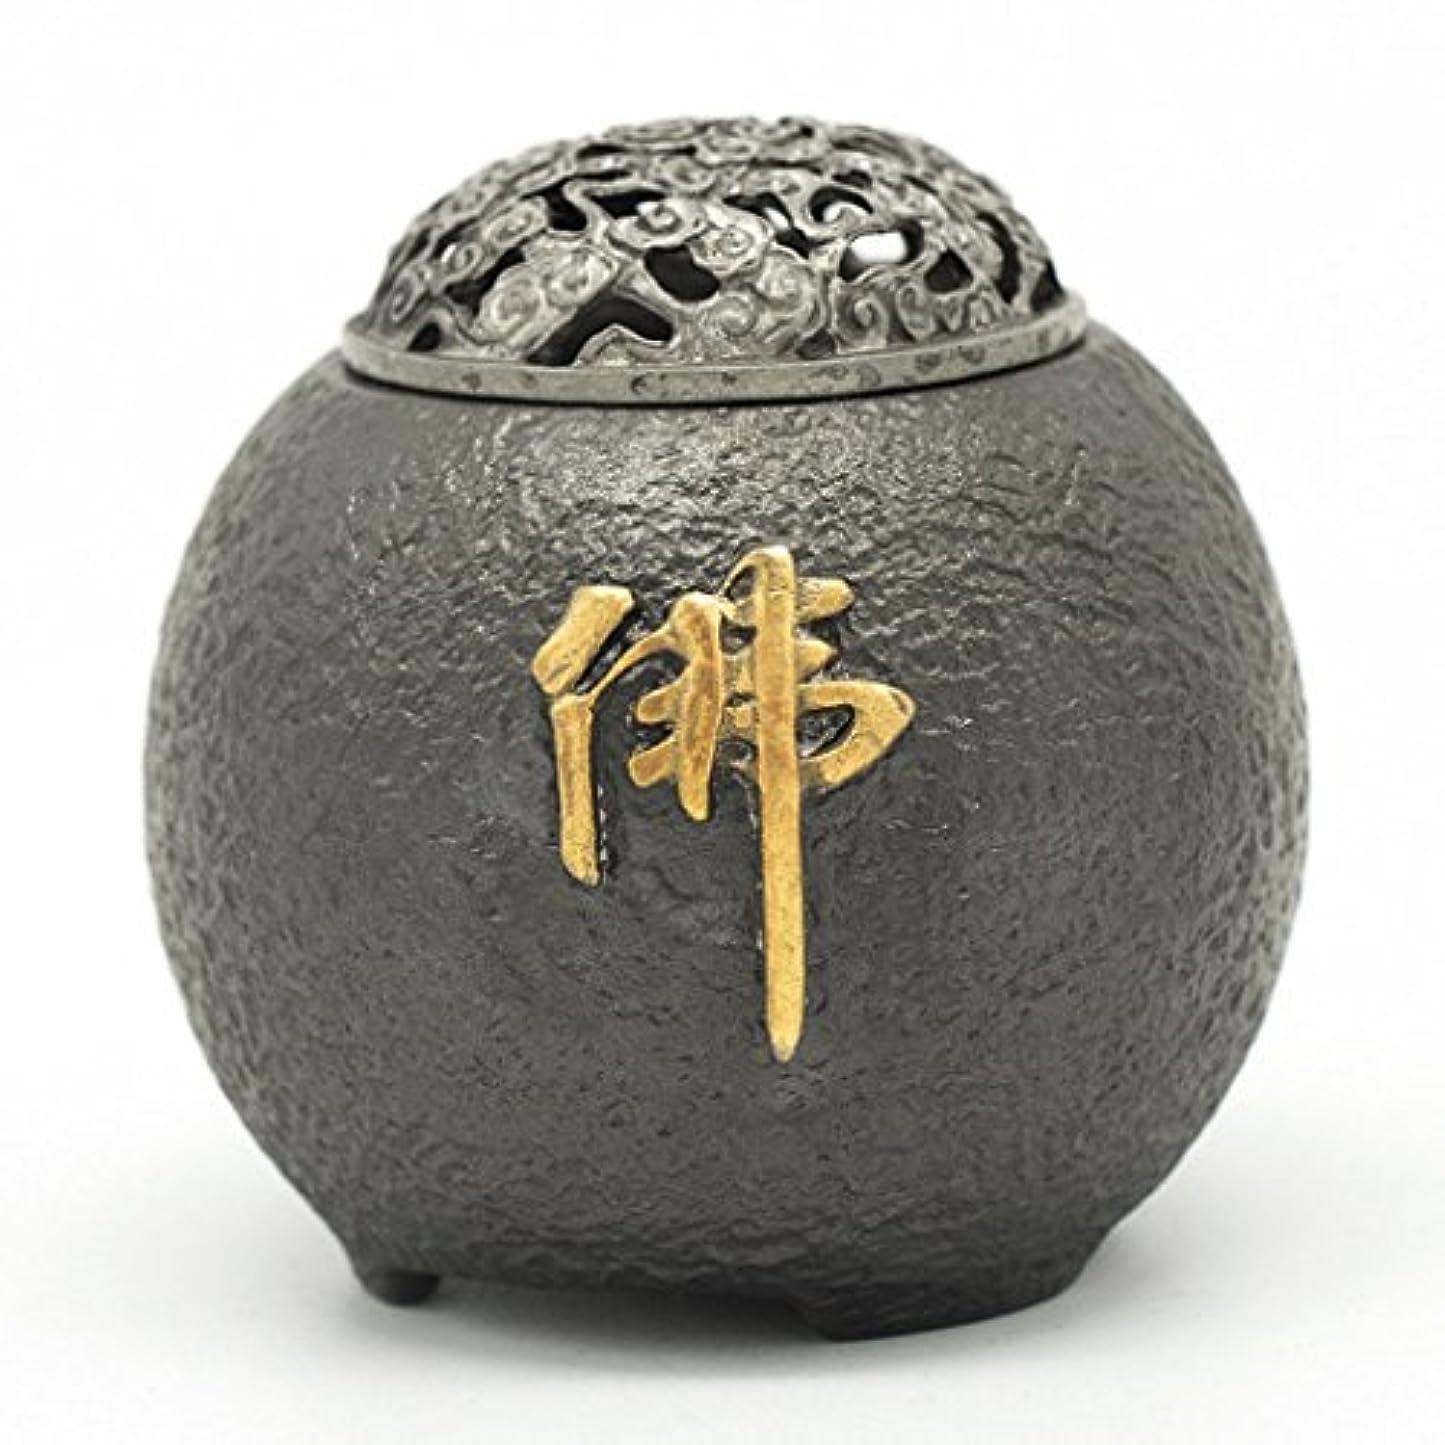 緑膜平野(ラシューバー) Lasuiveur 陶磁器 香炉 香立て 線香立て お香立て